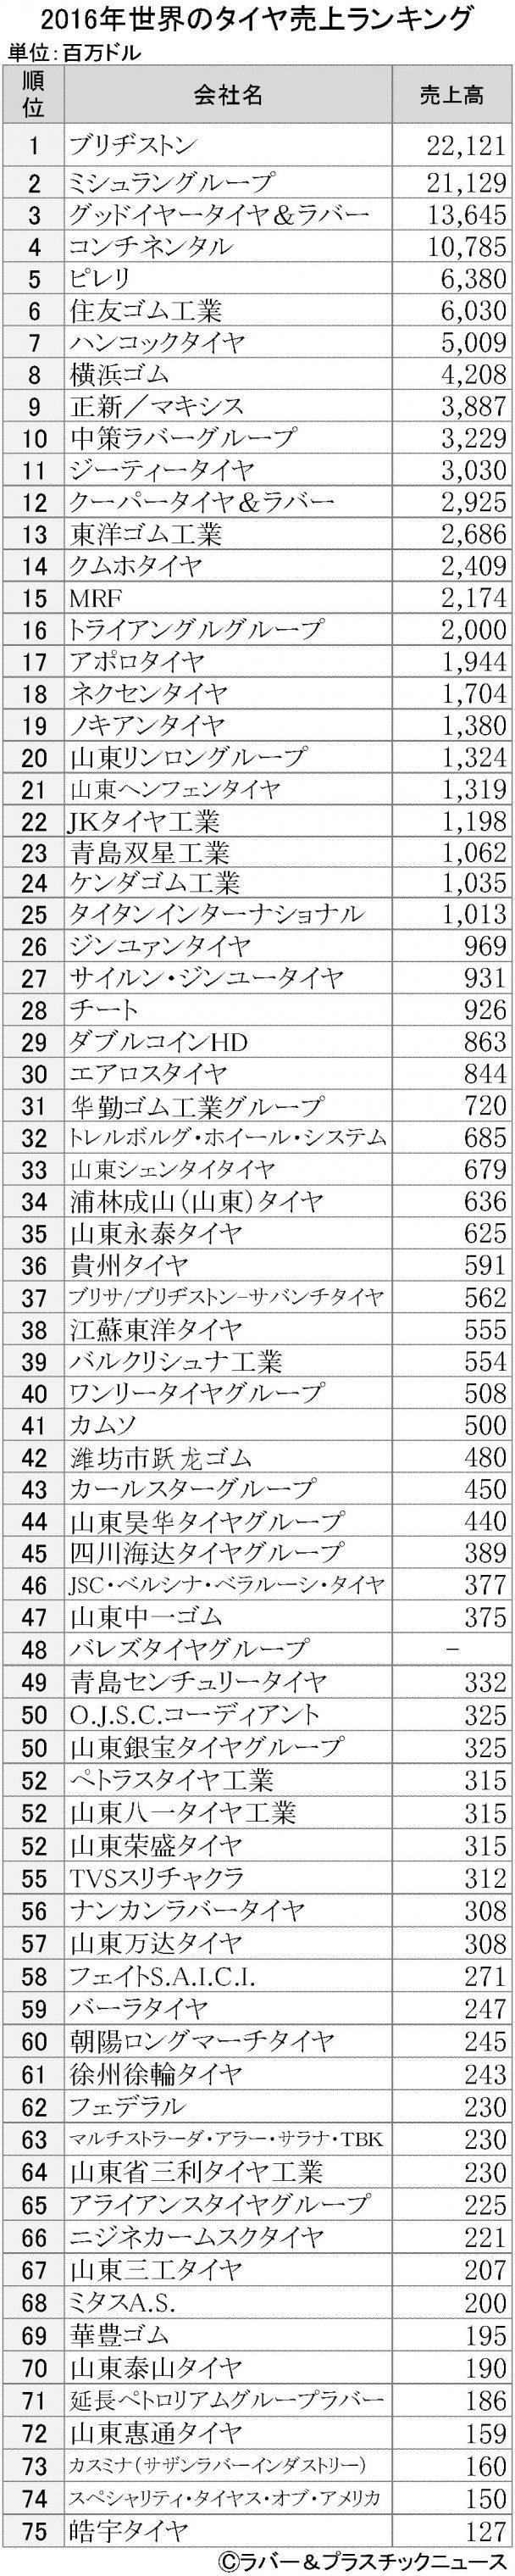 2016年版)世界タイヤ売上高ランキング